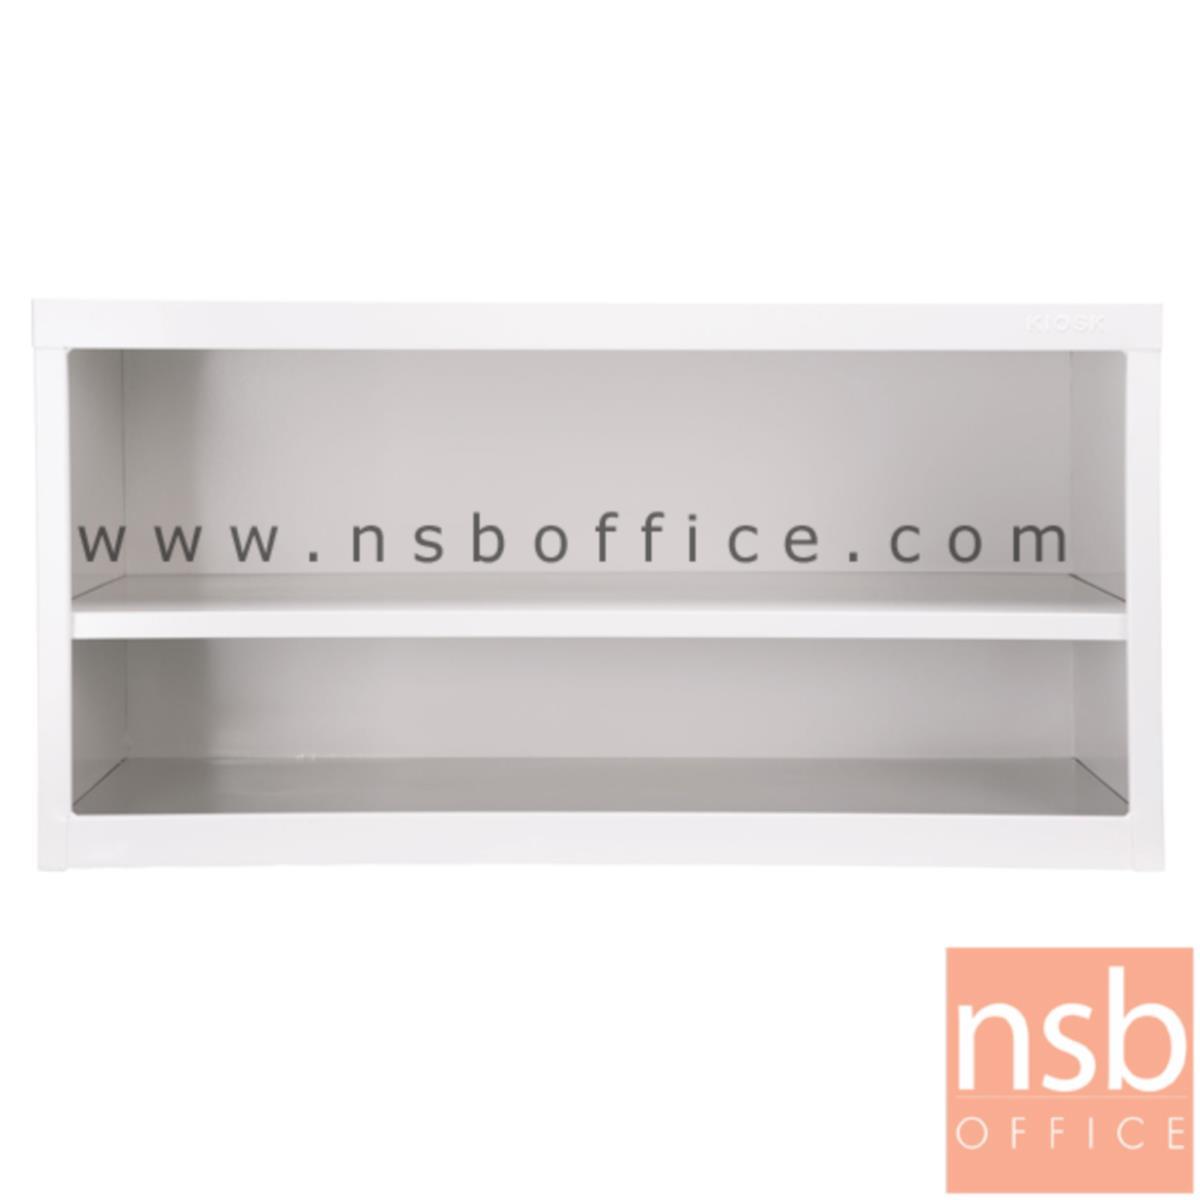 ตู้เหล็ก 2 ชั้นโล่ง สีขาวครีม 88W*40.7D*44H cm. รุ่น USB-3